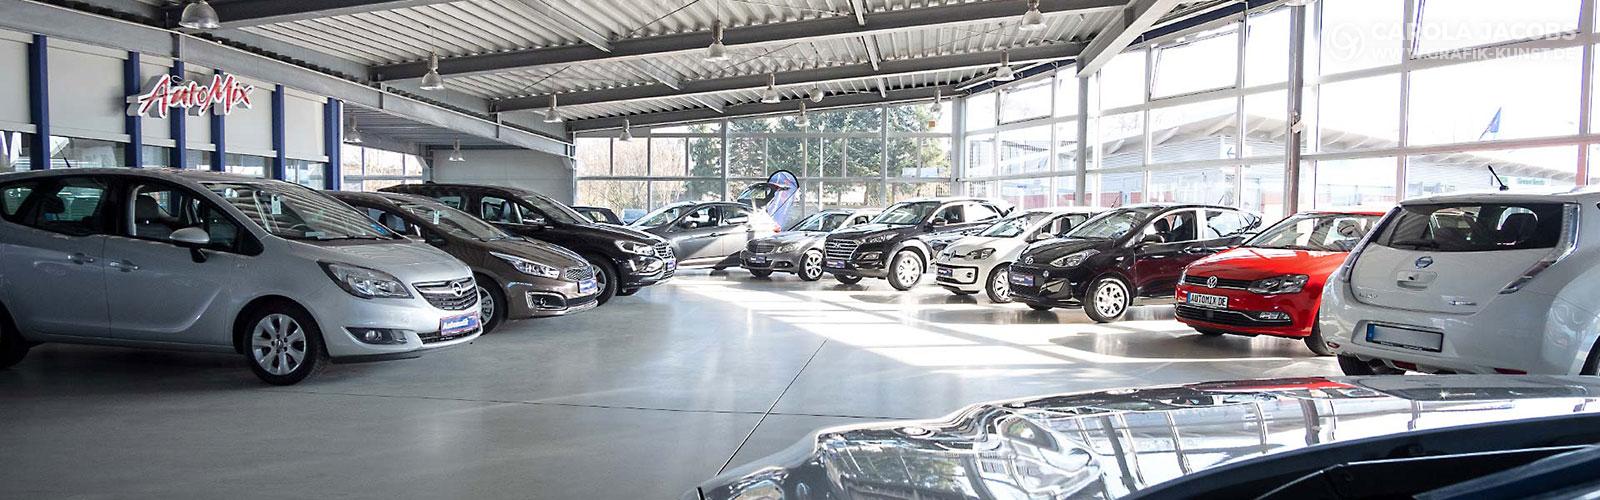 Wilhelmsen AutoMix - Verkaufshalle